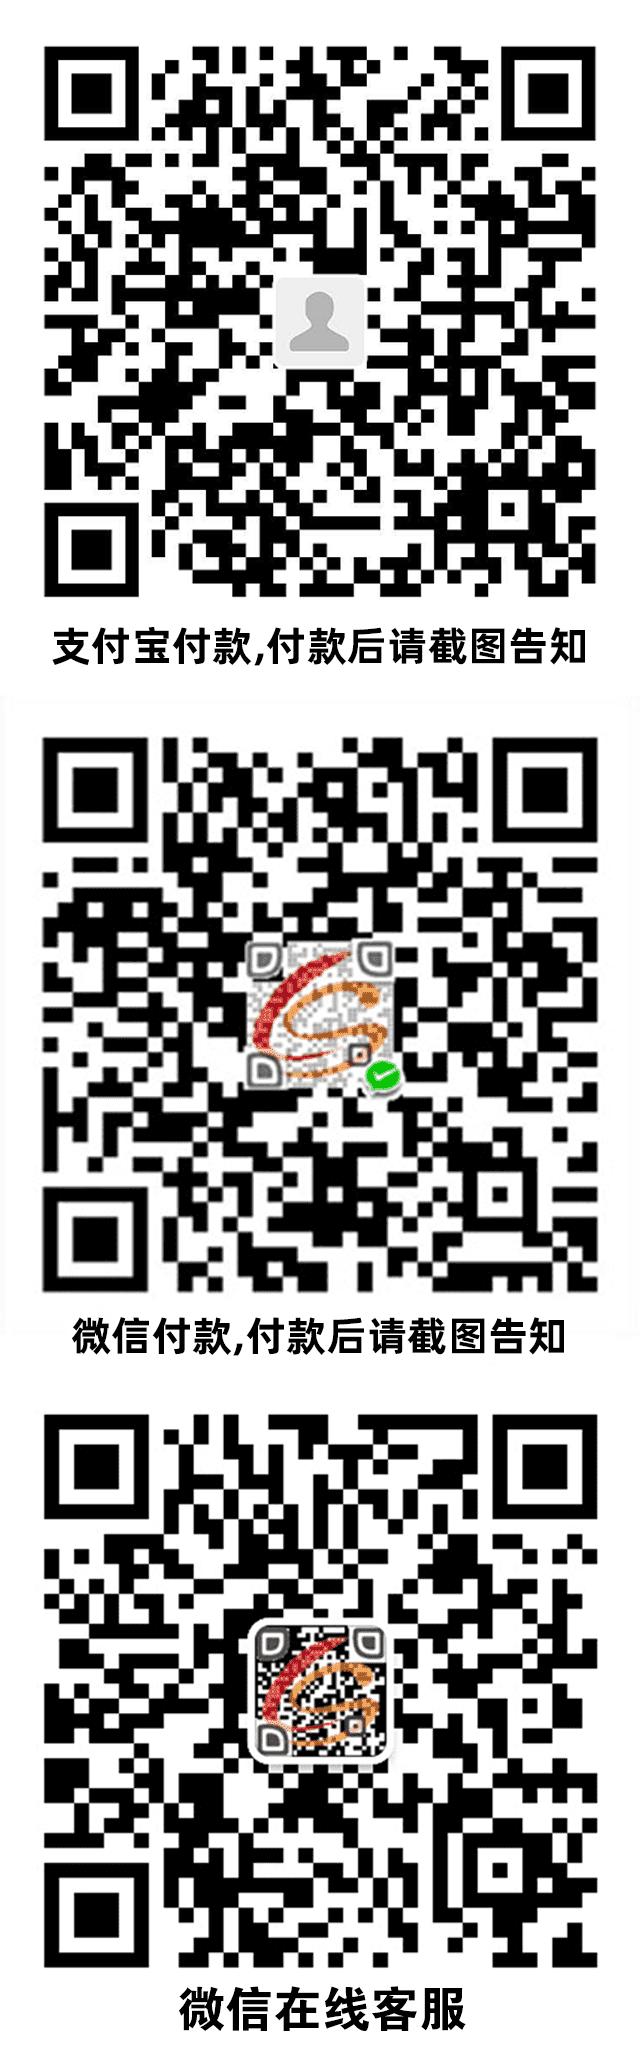 乐闪软件_专注图文店管理资料软件_图文店收银软件